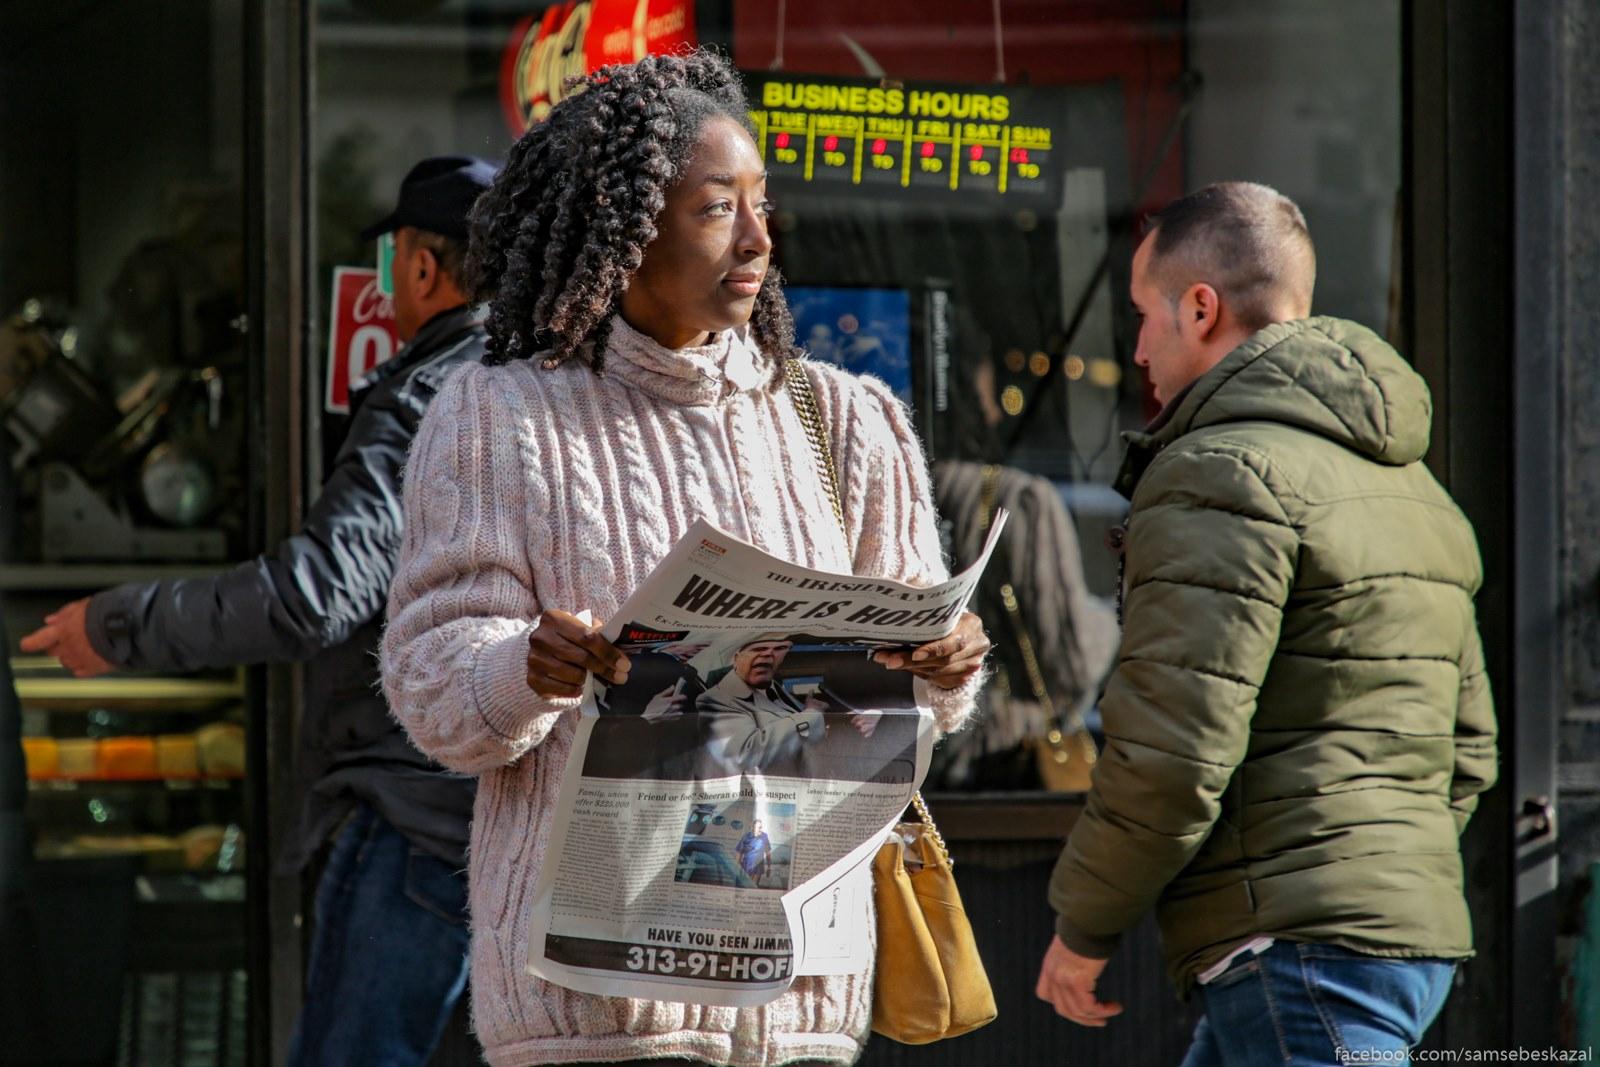 Vse na ulice byli s gazetami v rukah. Davno zabytaa kartinka uze.